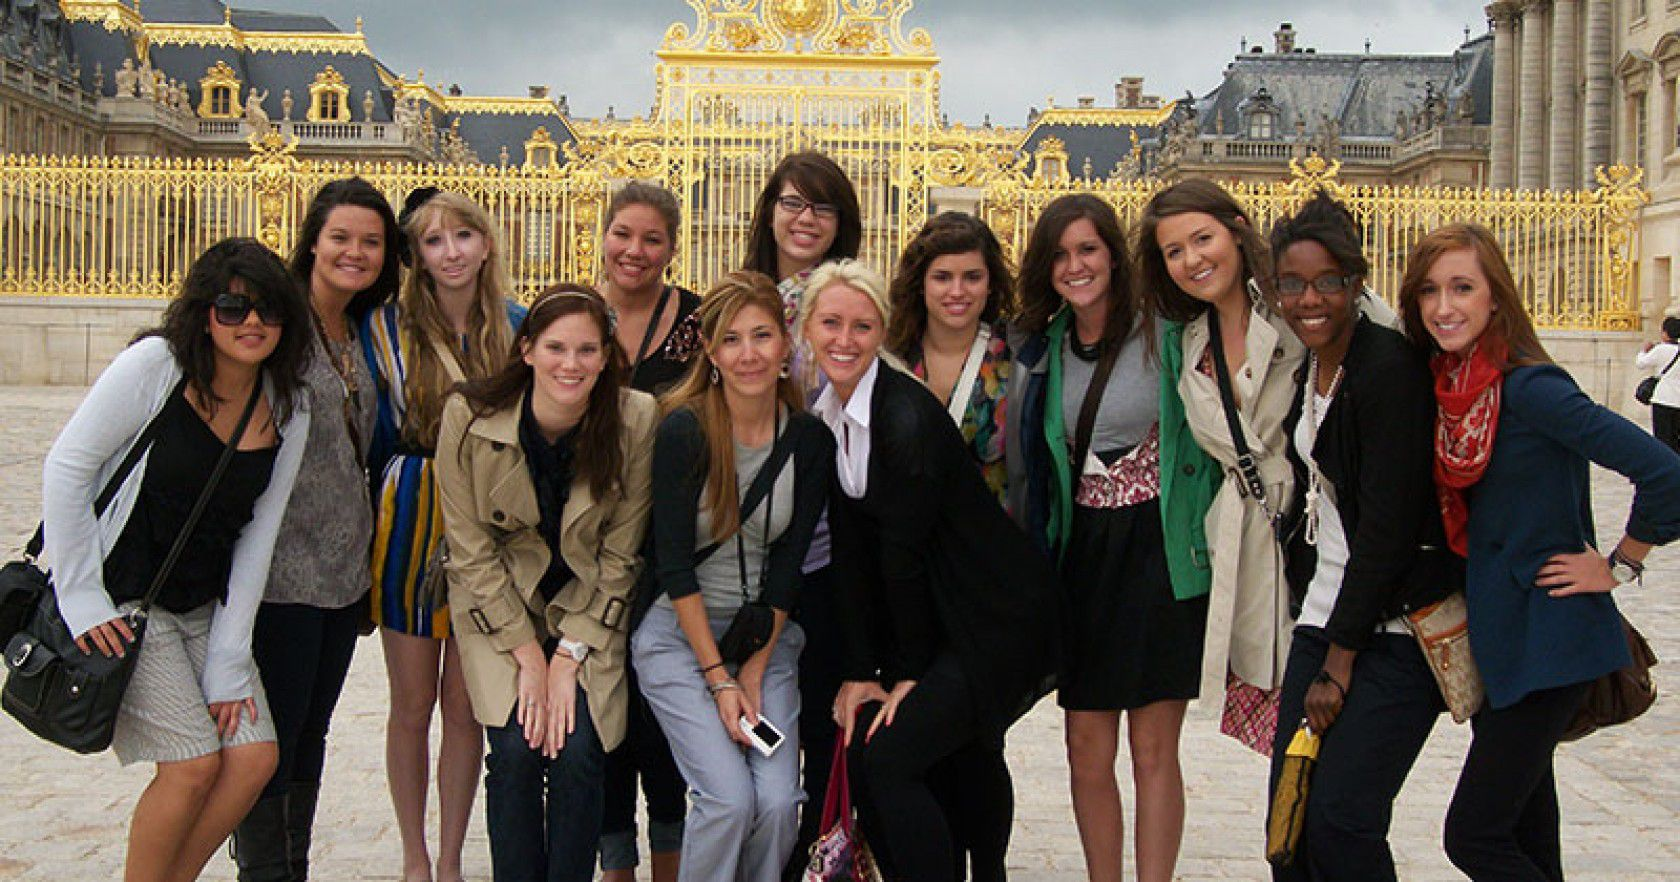 Avrupa'da Lise Bursu Almak İsteyen Öğrenciler Buraya